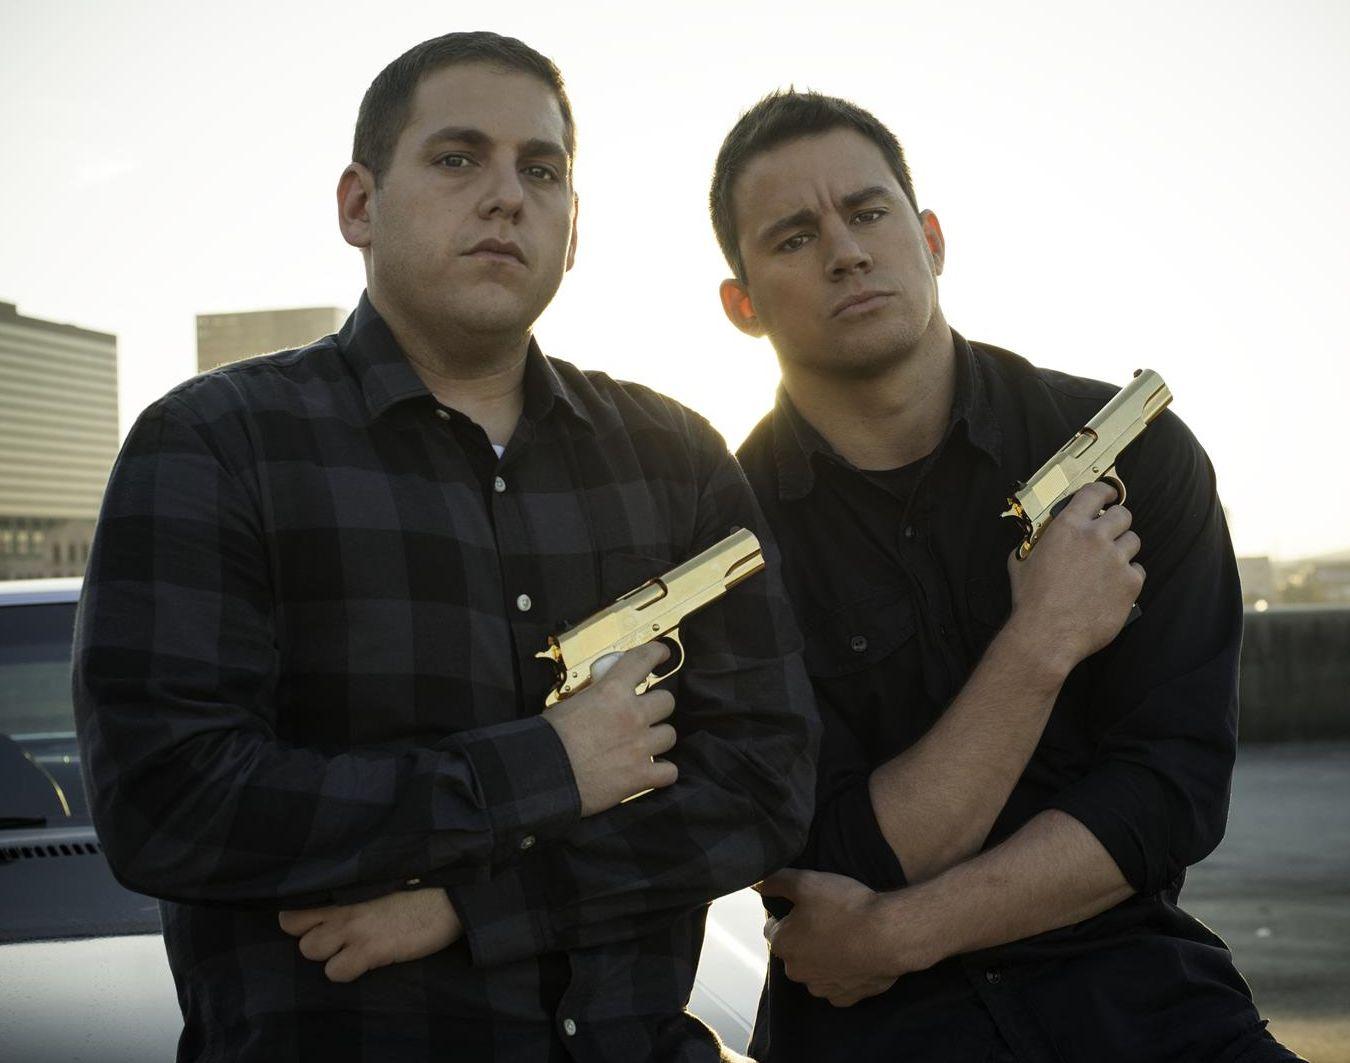 Golden guns - 22 Jump Street